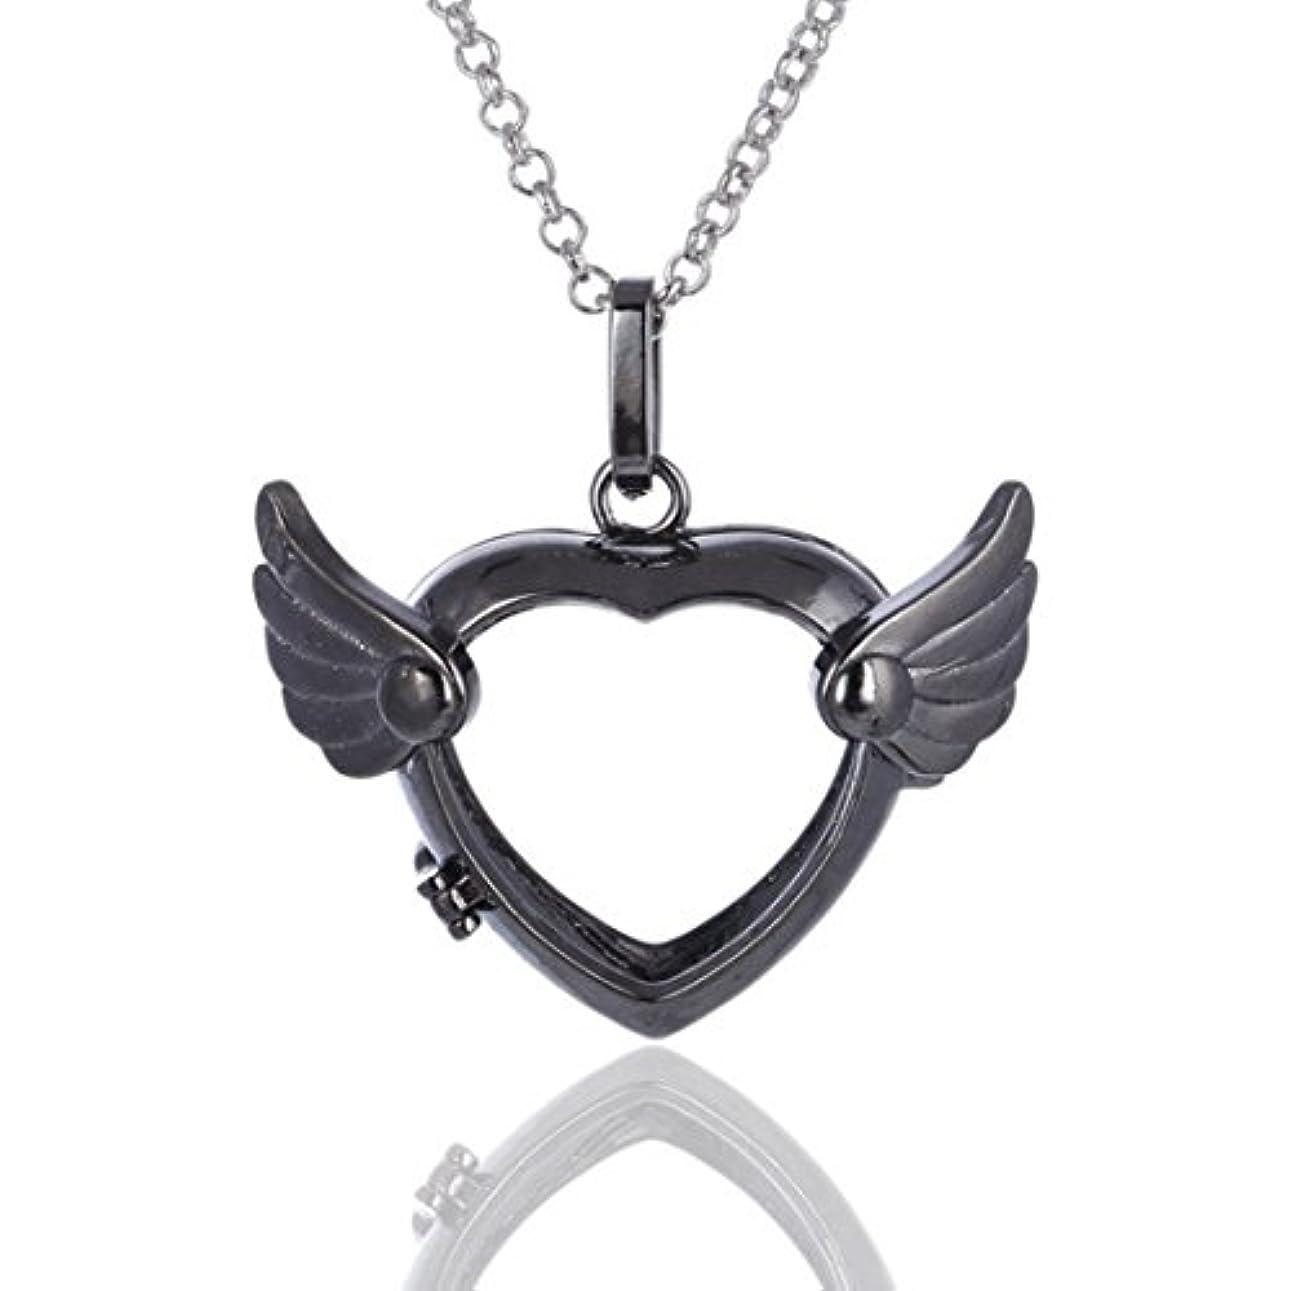 発言するスパイラル予知Love Heart Angel Wingsロケットペンダント、Aromatherapy Essential Oil Diffuserネックレス、シルバー、ブラック、ゴールド